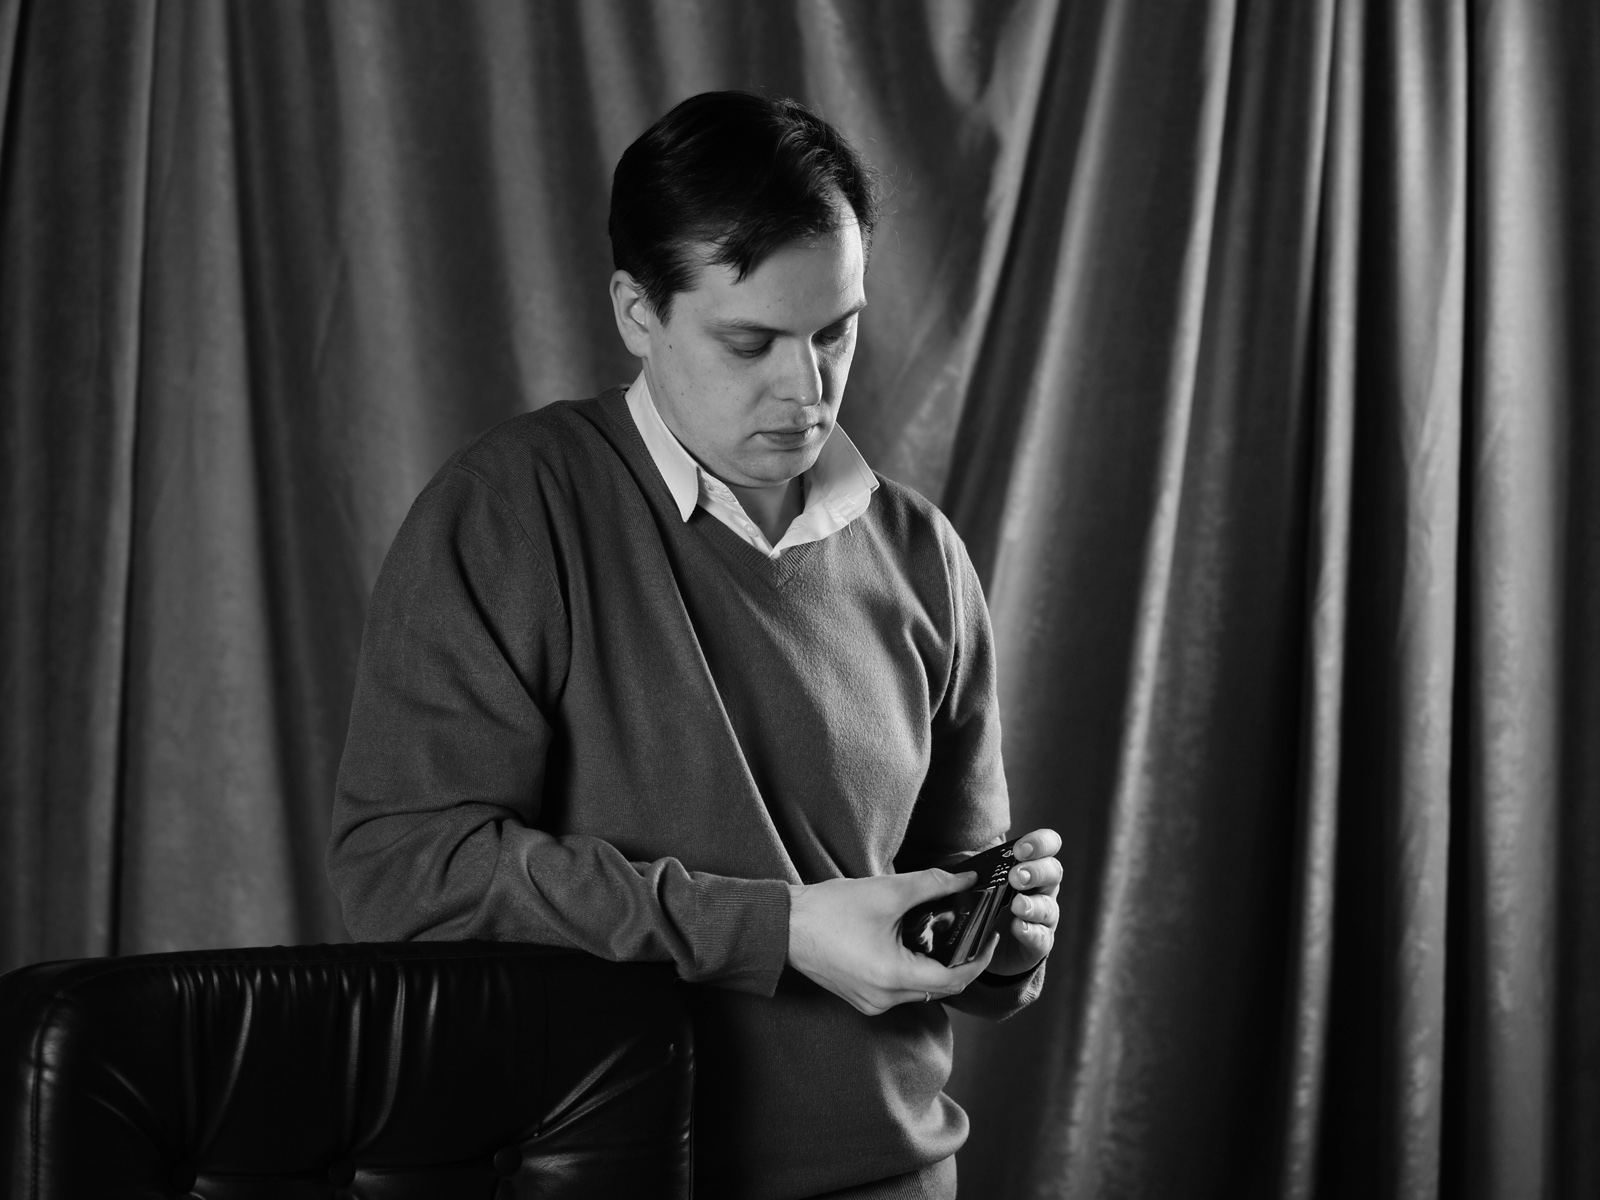 портрет в чб. профессиональной фотосъемке в студии